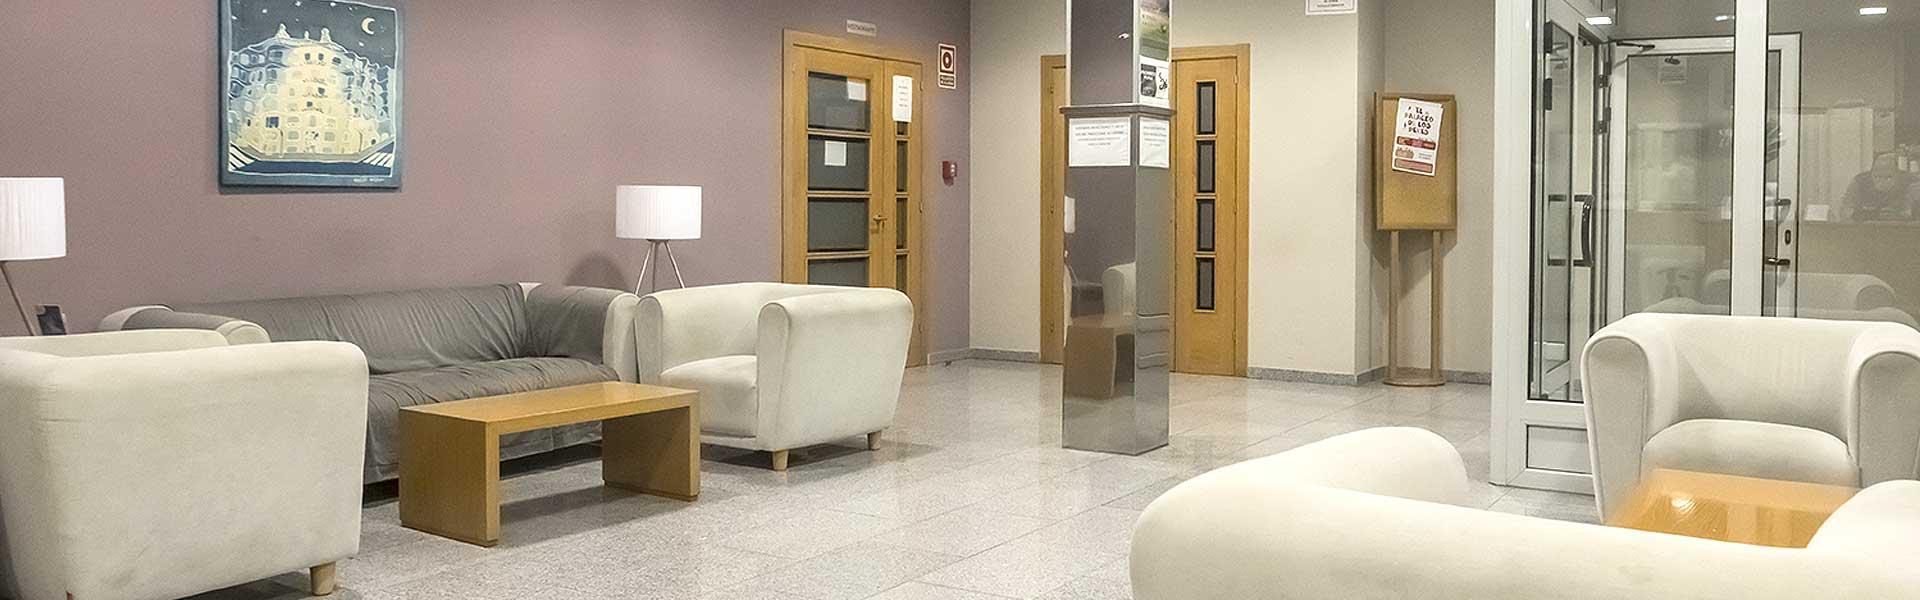 Tarifas y ofertas Hotel Palacio de Asturias en Oviedo